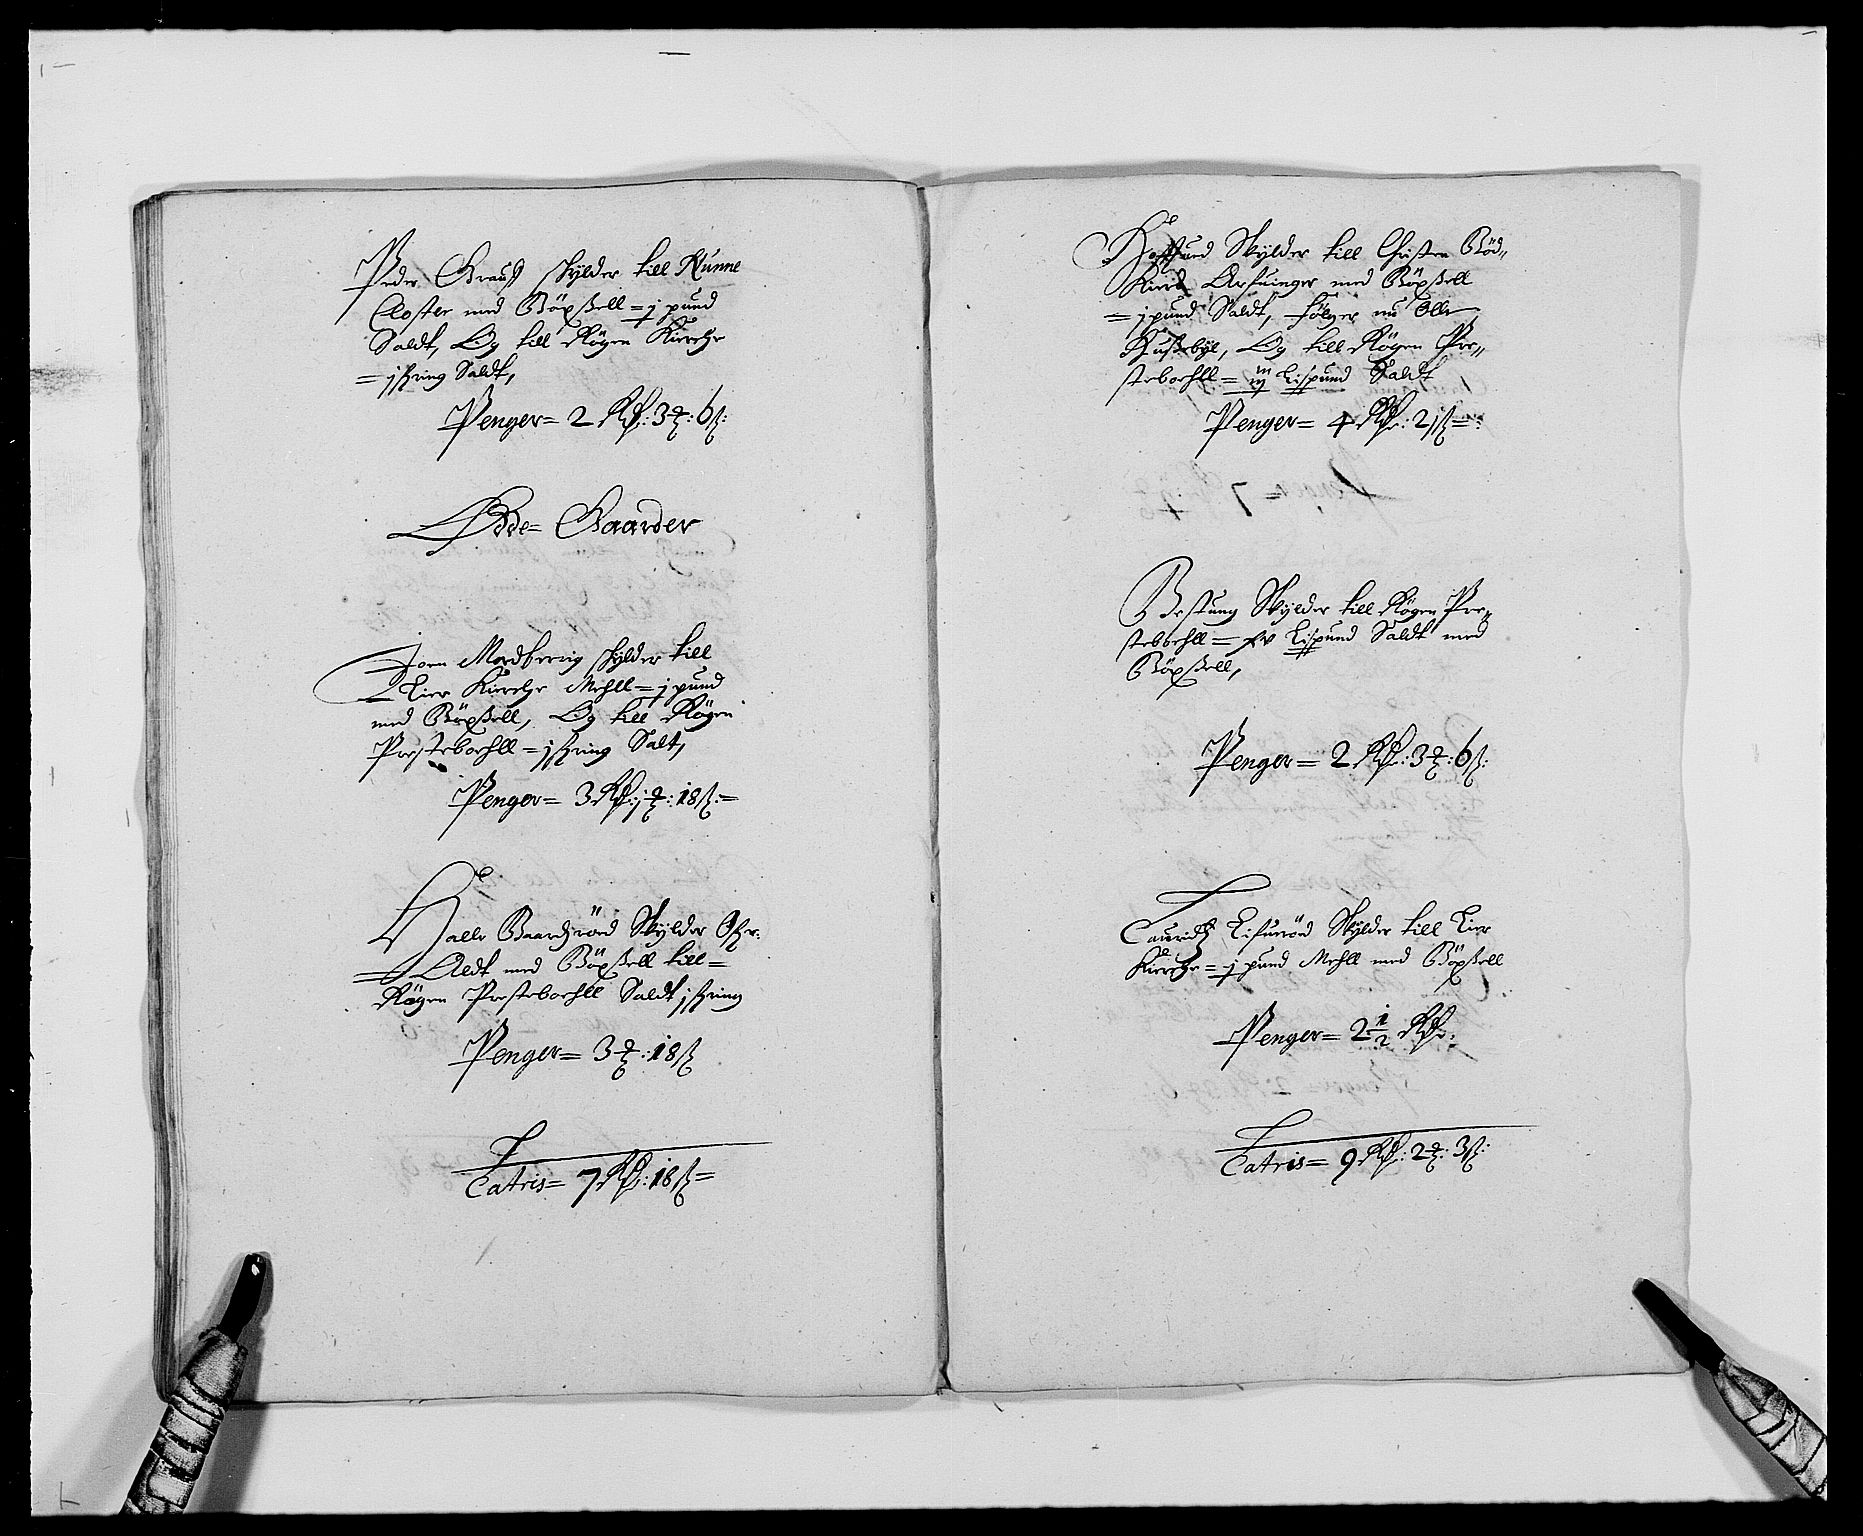 RA, Rentekammeret inntil 1814, Reviderte regnskaper, Fogderegnskap, R29/L1691: Fogderegnskap Hurum og Røyken, 1678-1681, s. 376